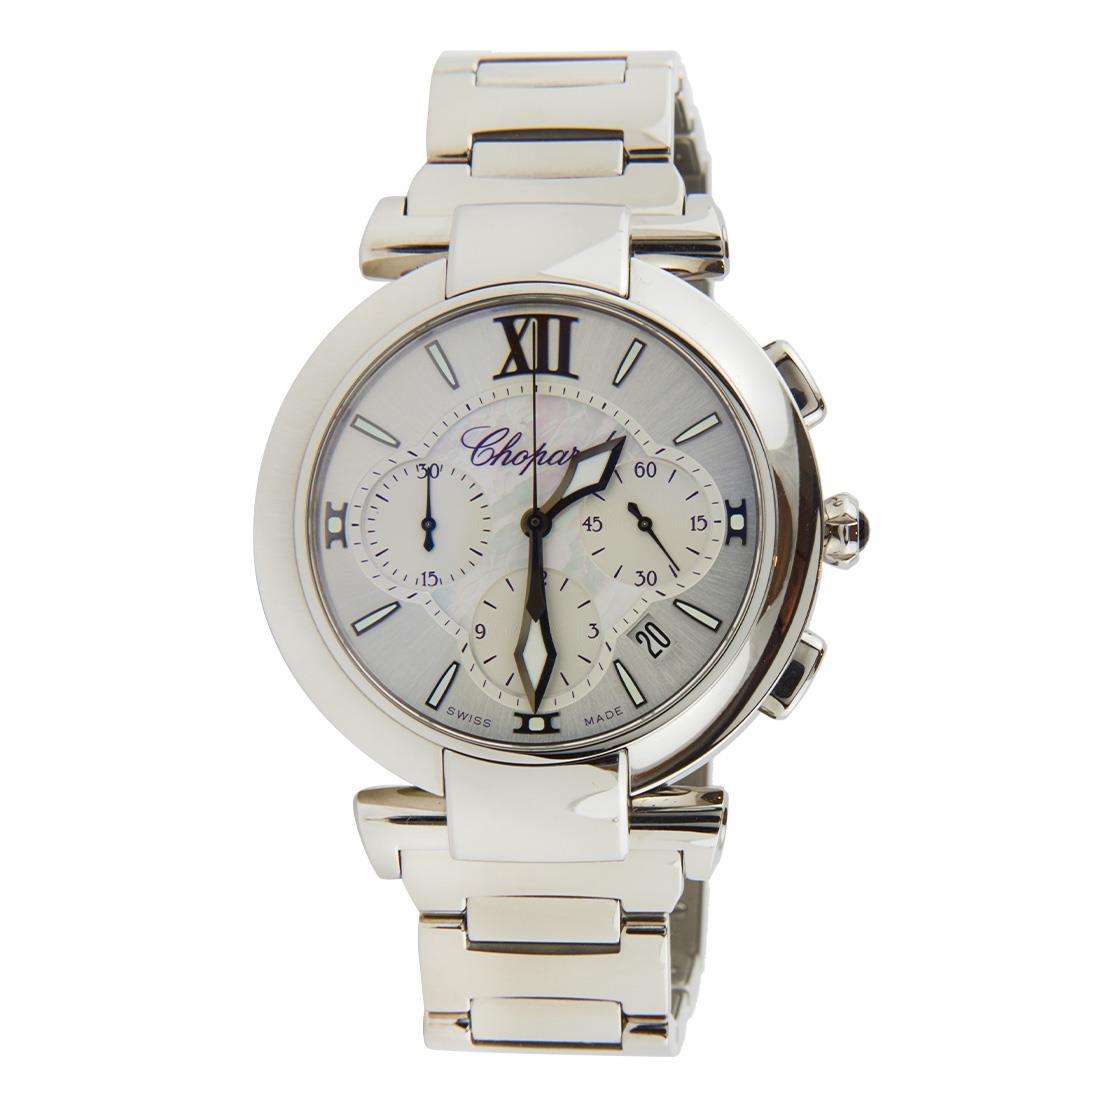 Orologio cronografo cassa 40mm in acciaio - CHOPARD